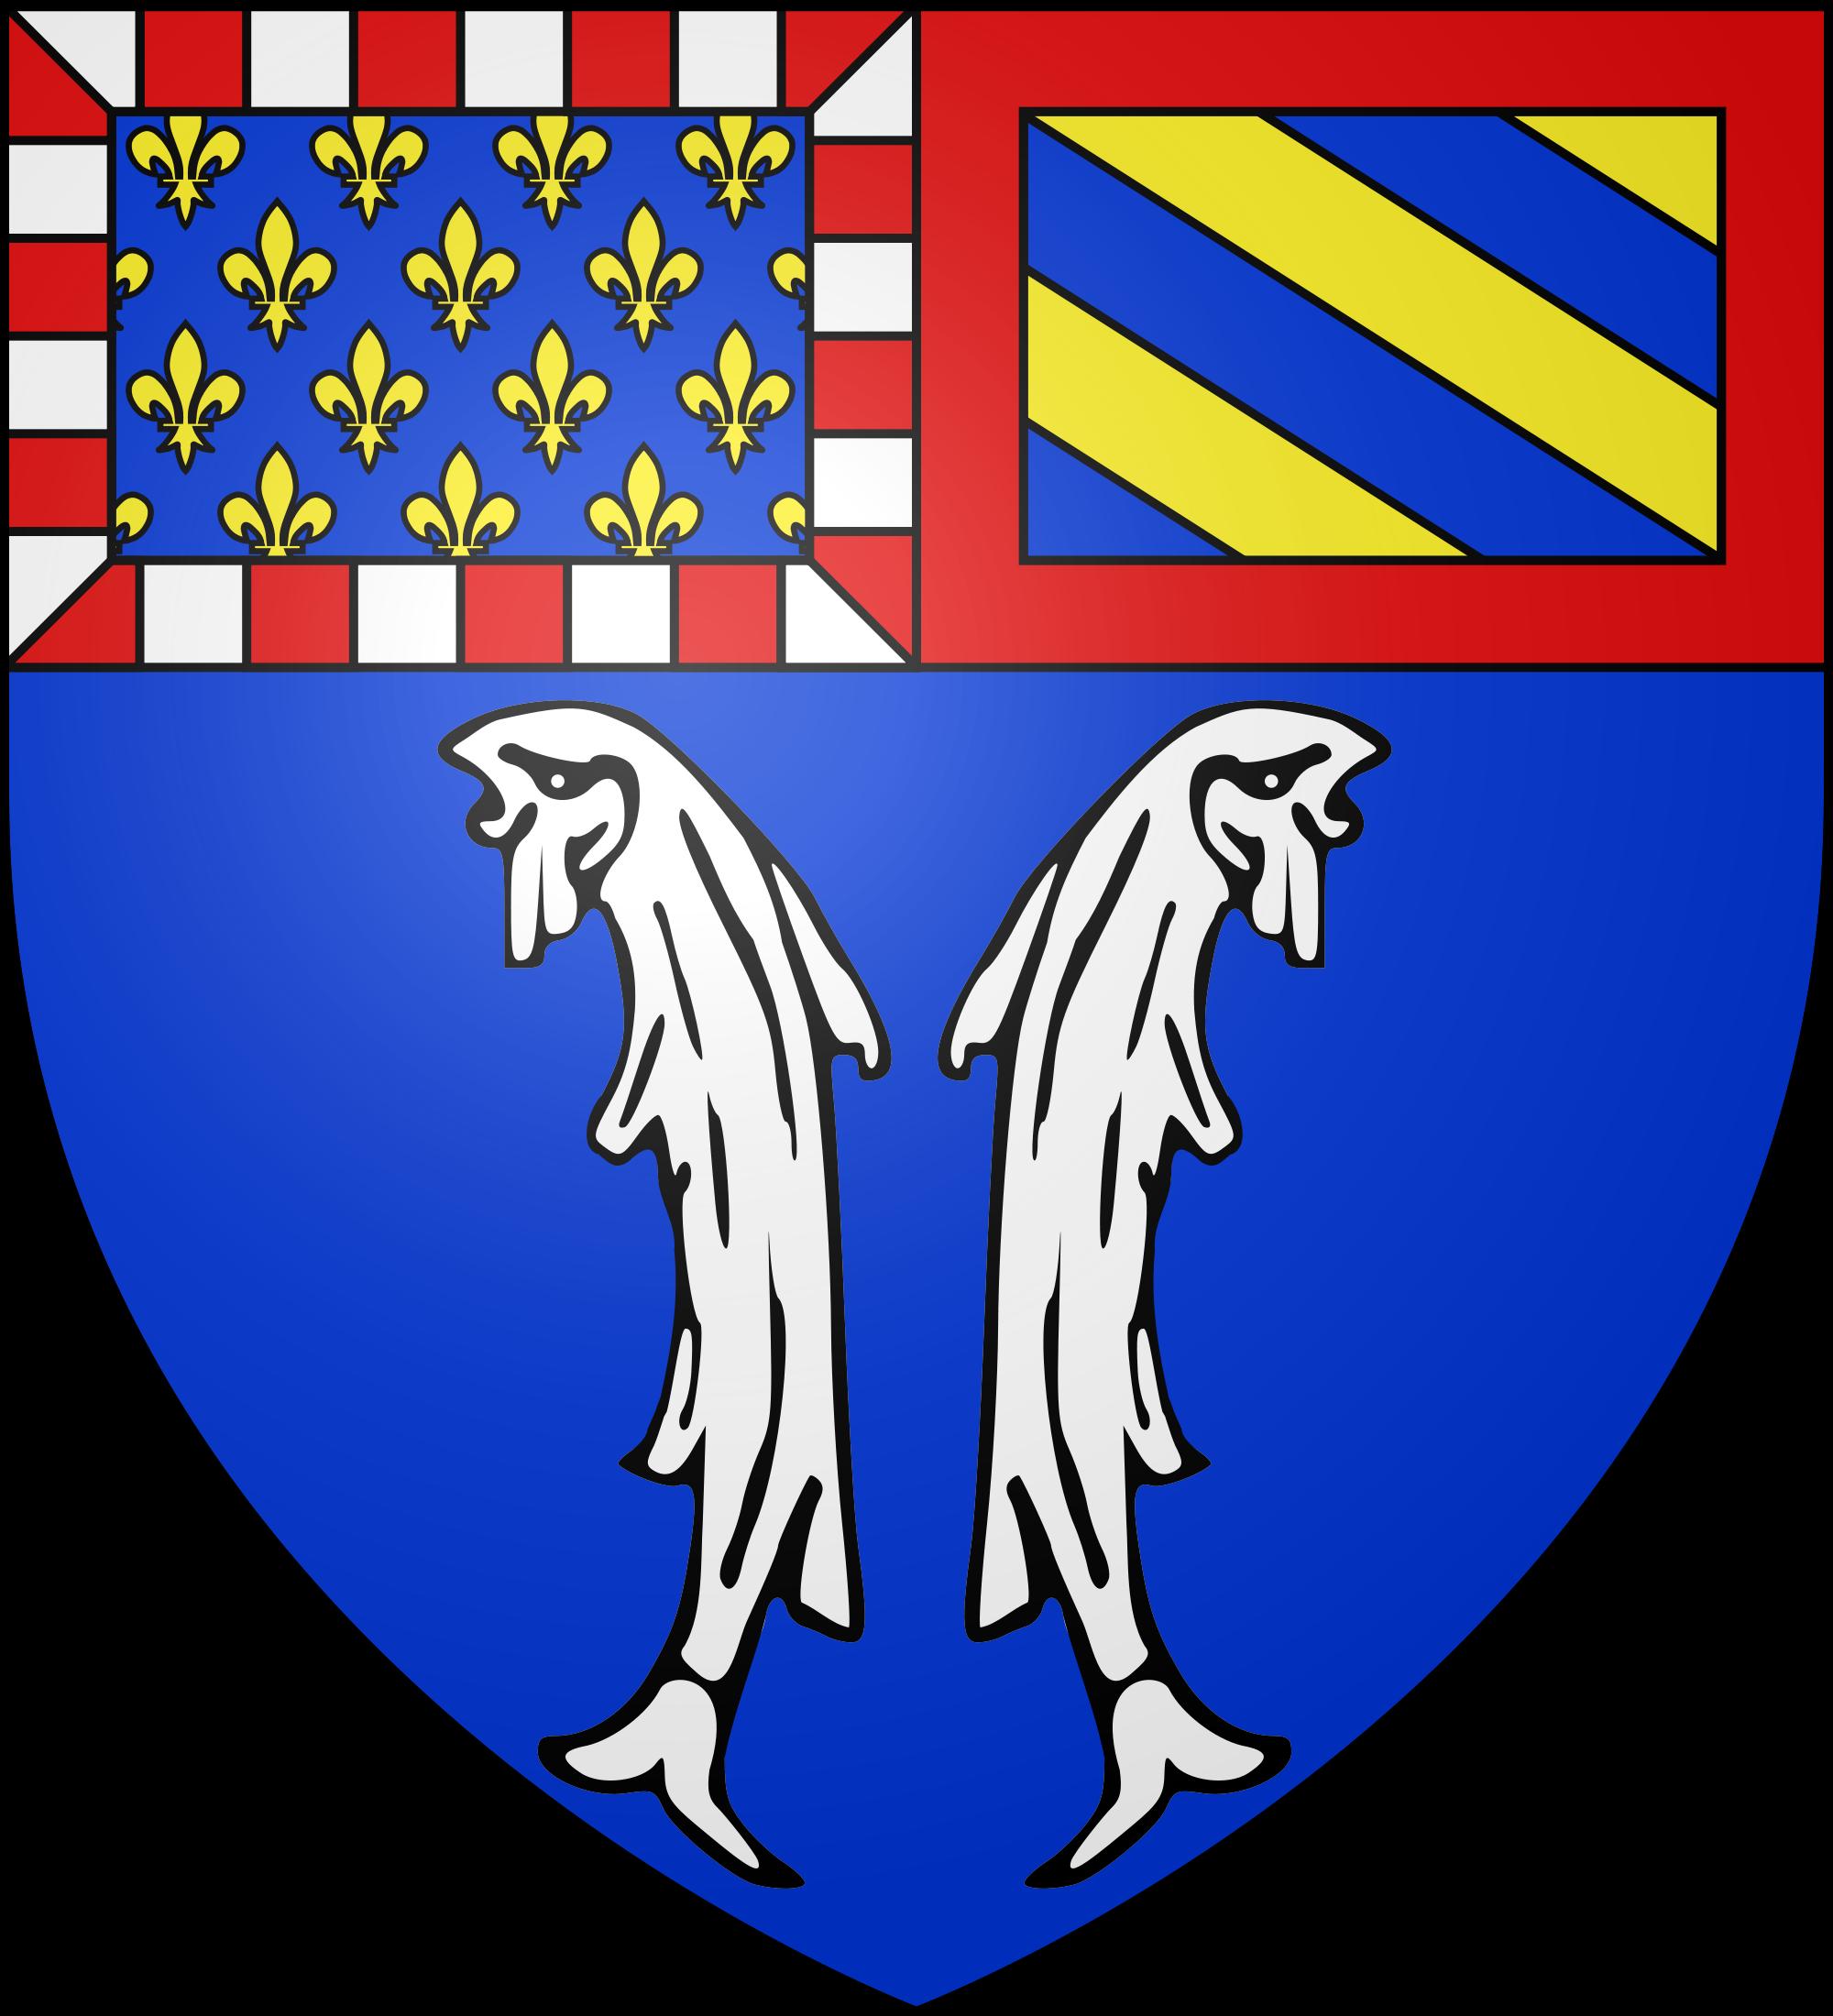 Wappen von Montbard